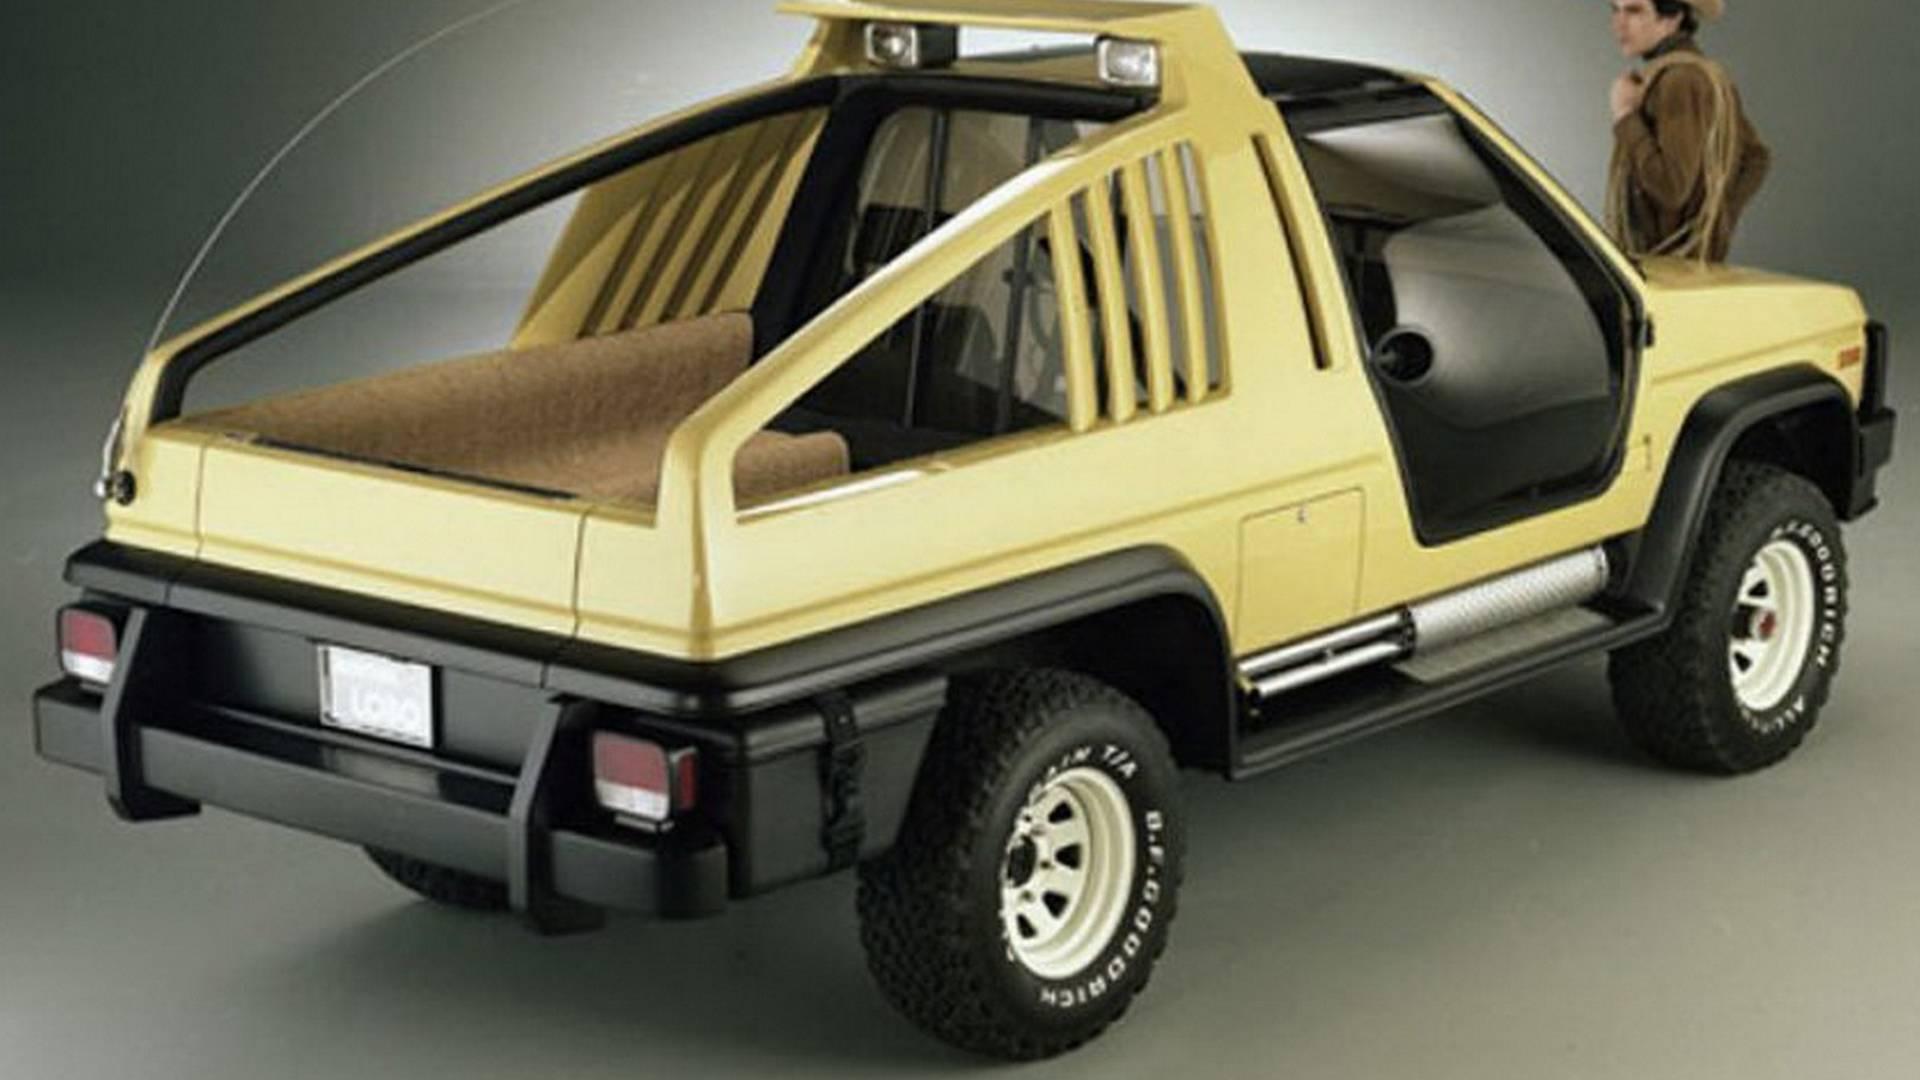 1981 ford bronco montana lobo 1988 bronco dm 1 concept we forgot